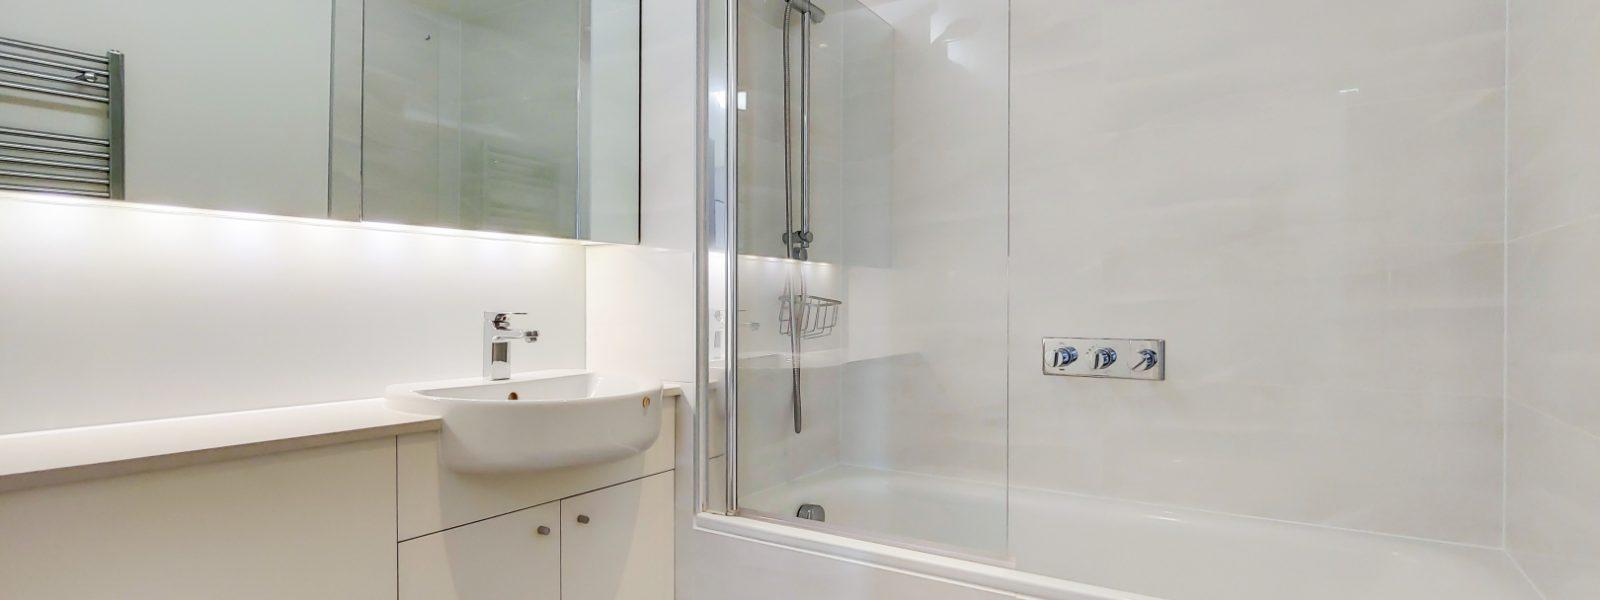 6_Bathroom-1